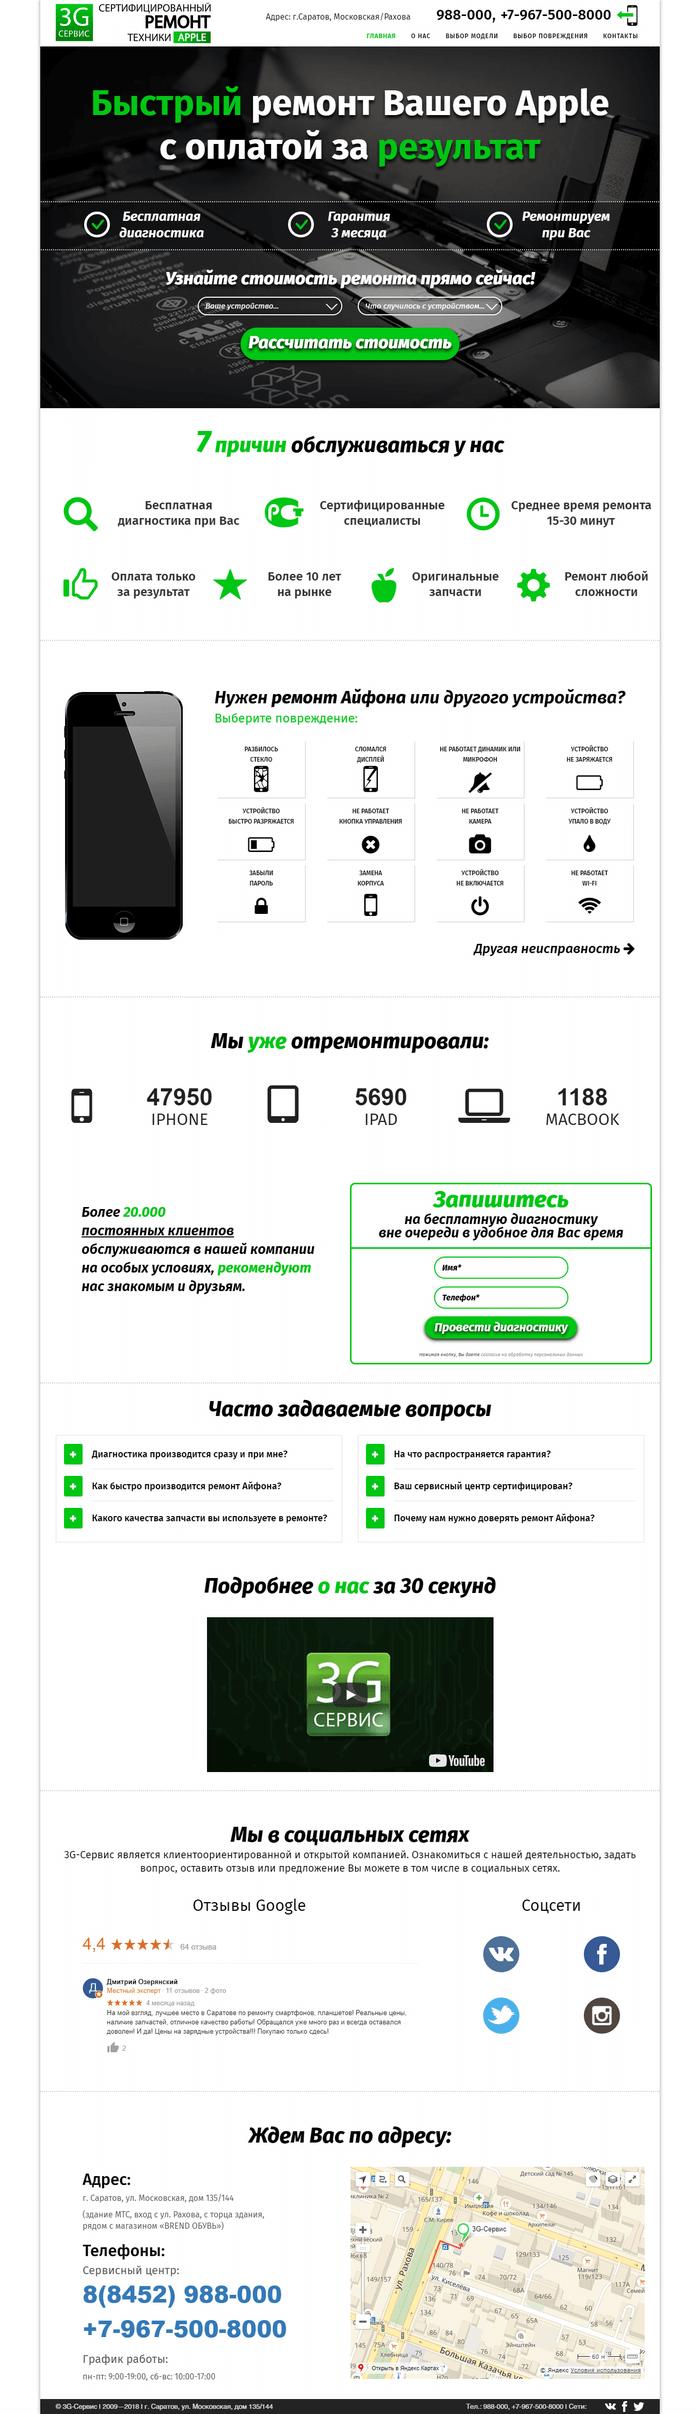 Главная страница сайта 3G Service